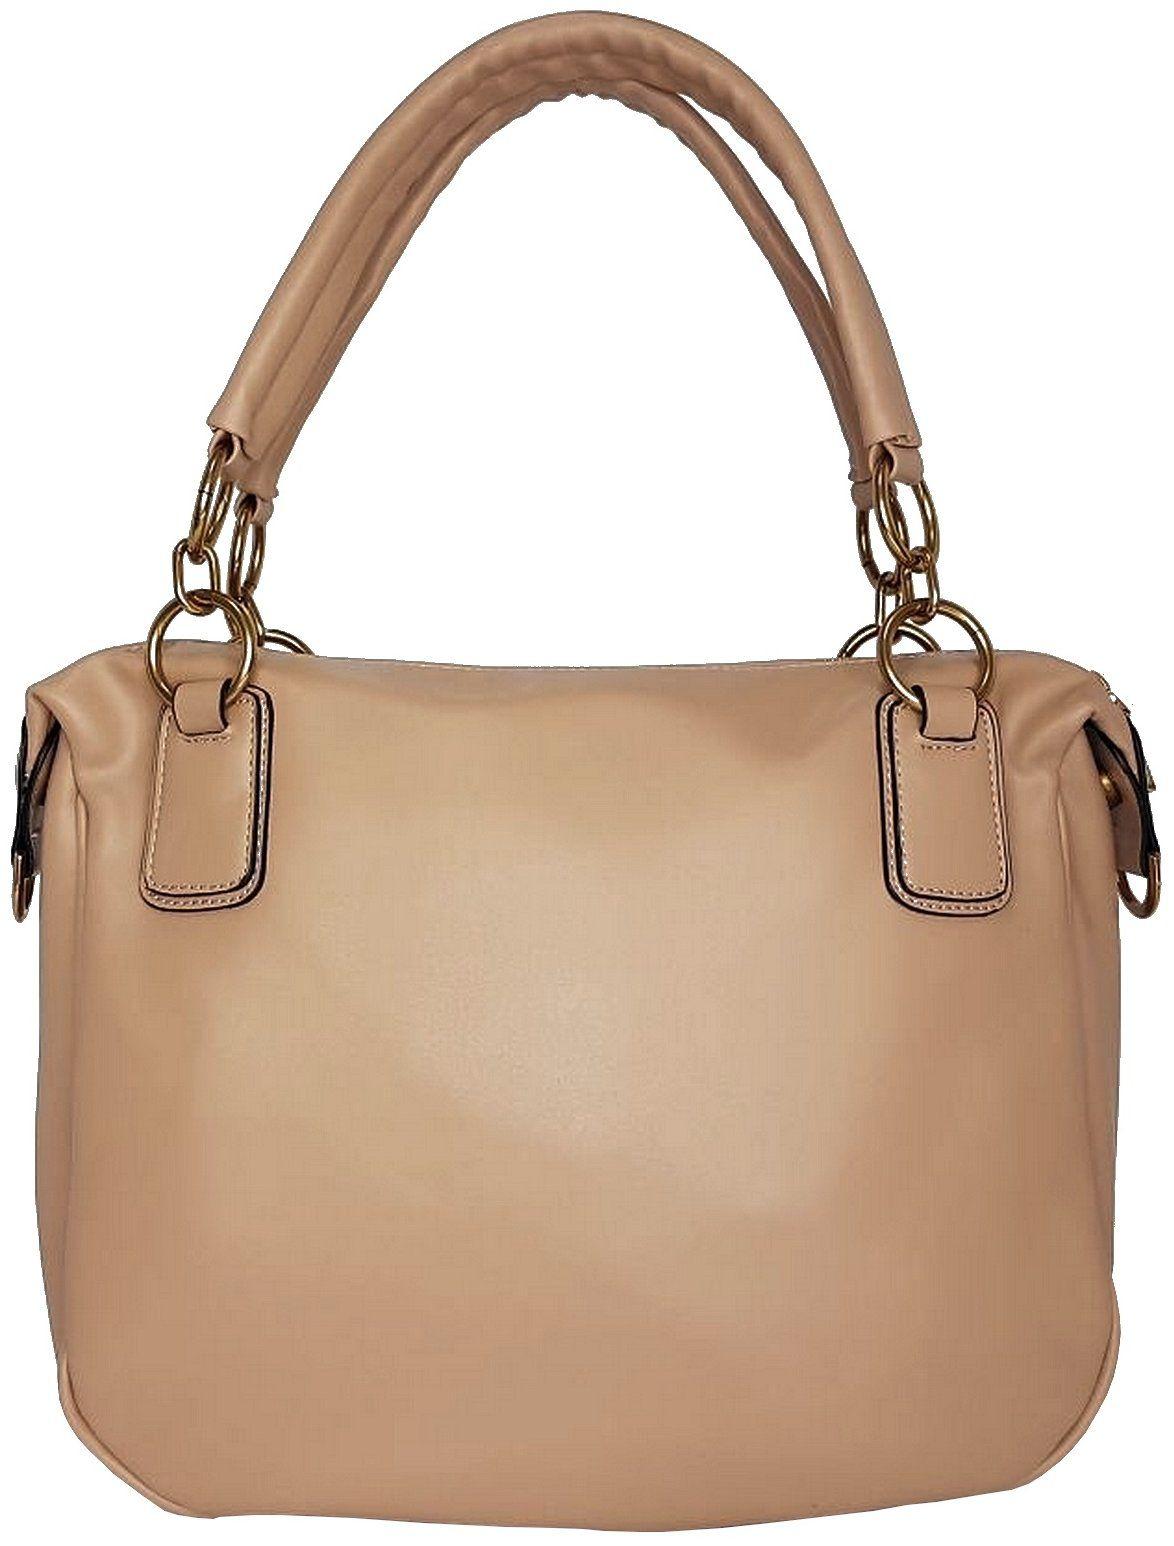 06636d6ce Bolsa GIO Antonelli Tote Bag em Couro Ecológico Nude - Vistabella Bolsas e  Acessórios